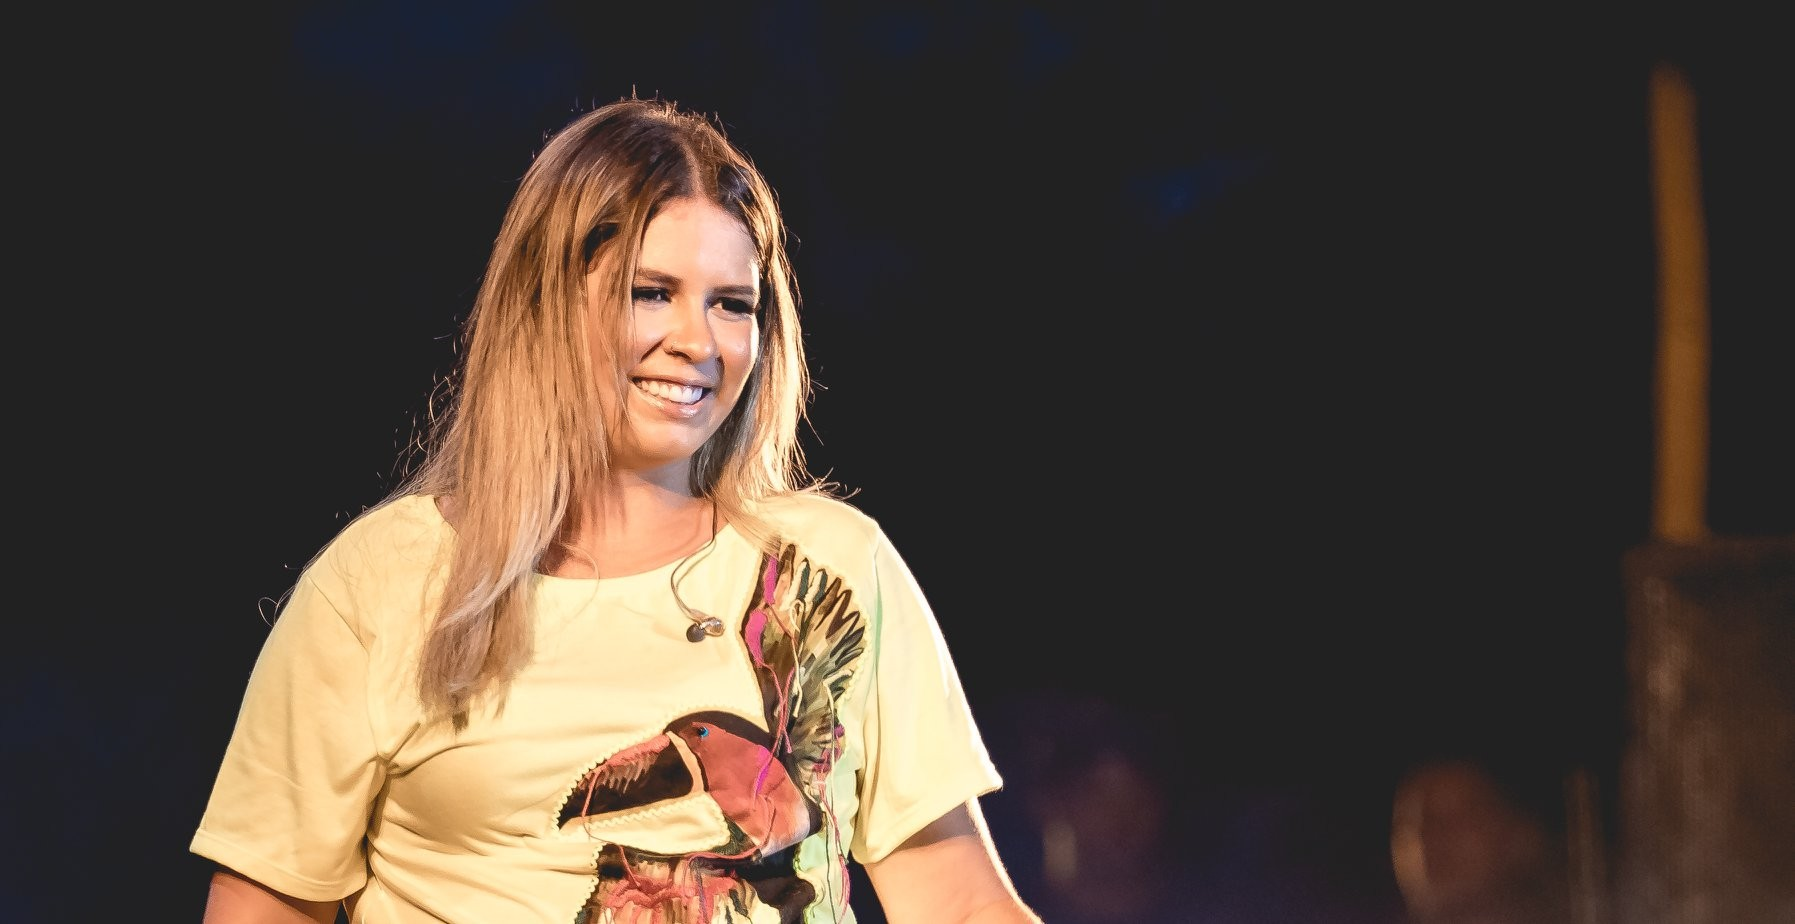 Marília Mendonça apresenta a primeira música que compôs para o filho - Notícias - Plantão Diário